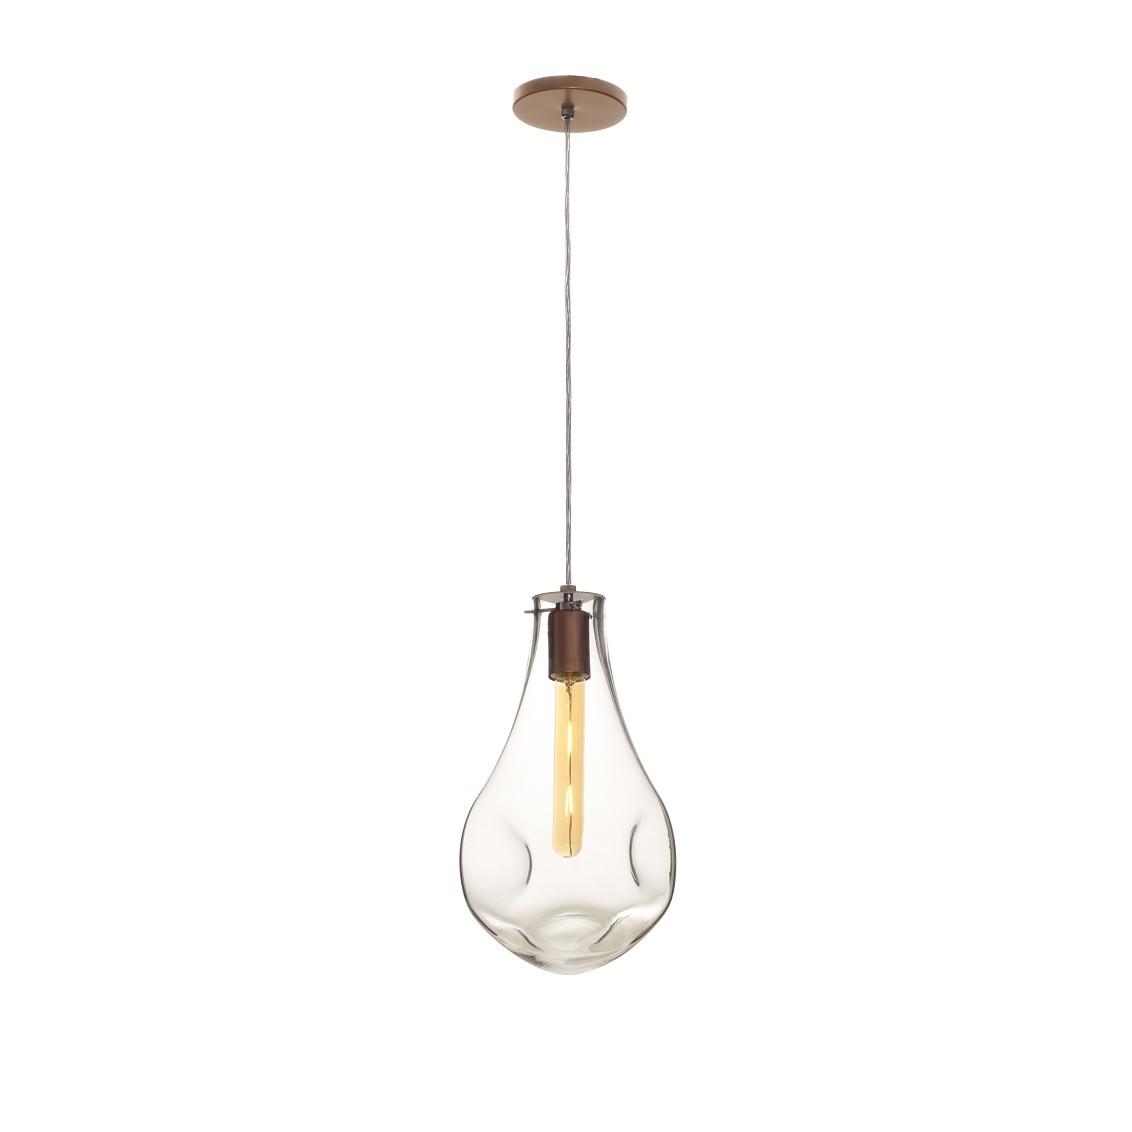 Pendente Gota Amassada 21 cm 1 Lampada Cobre - Madelustre